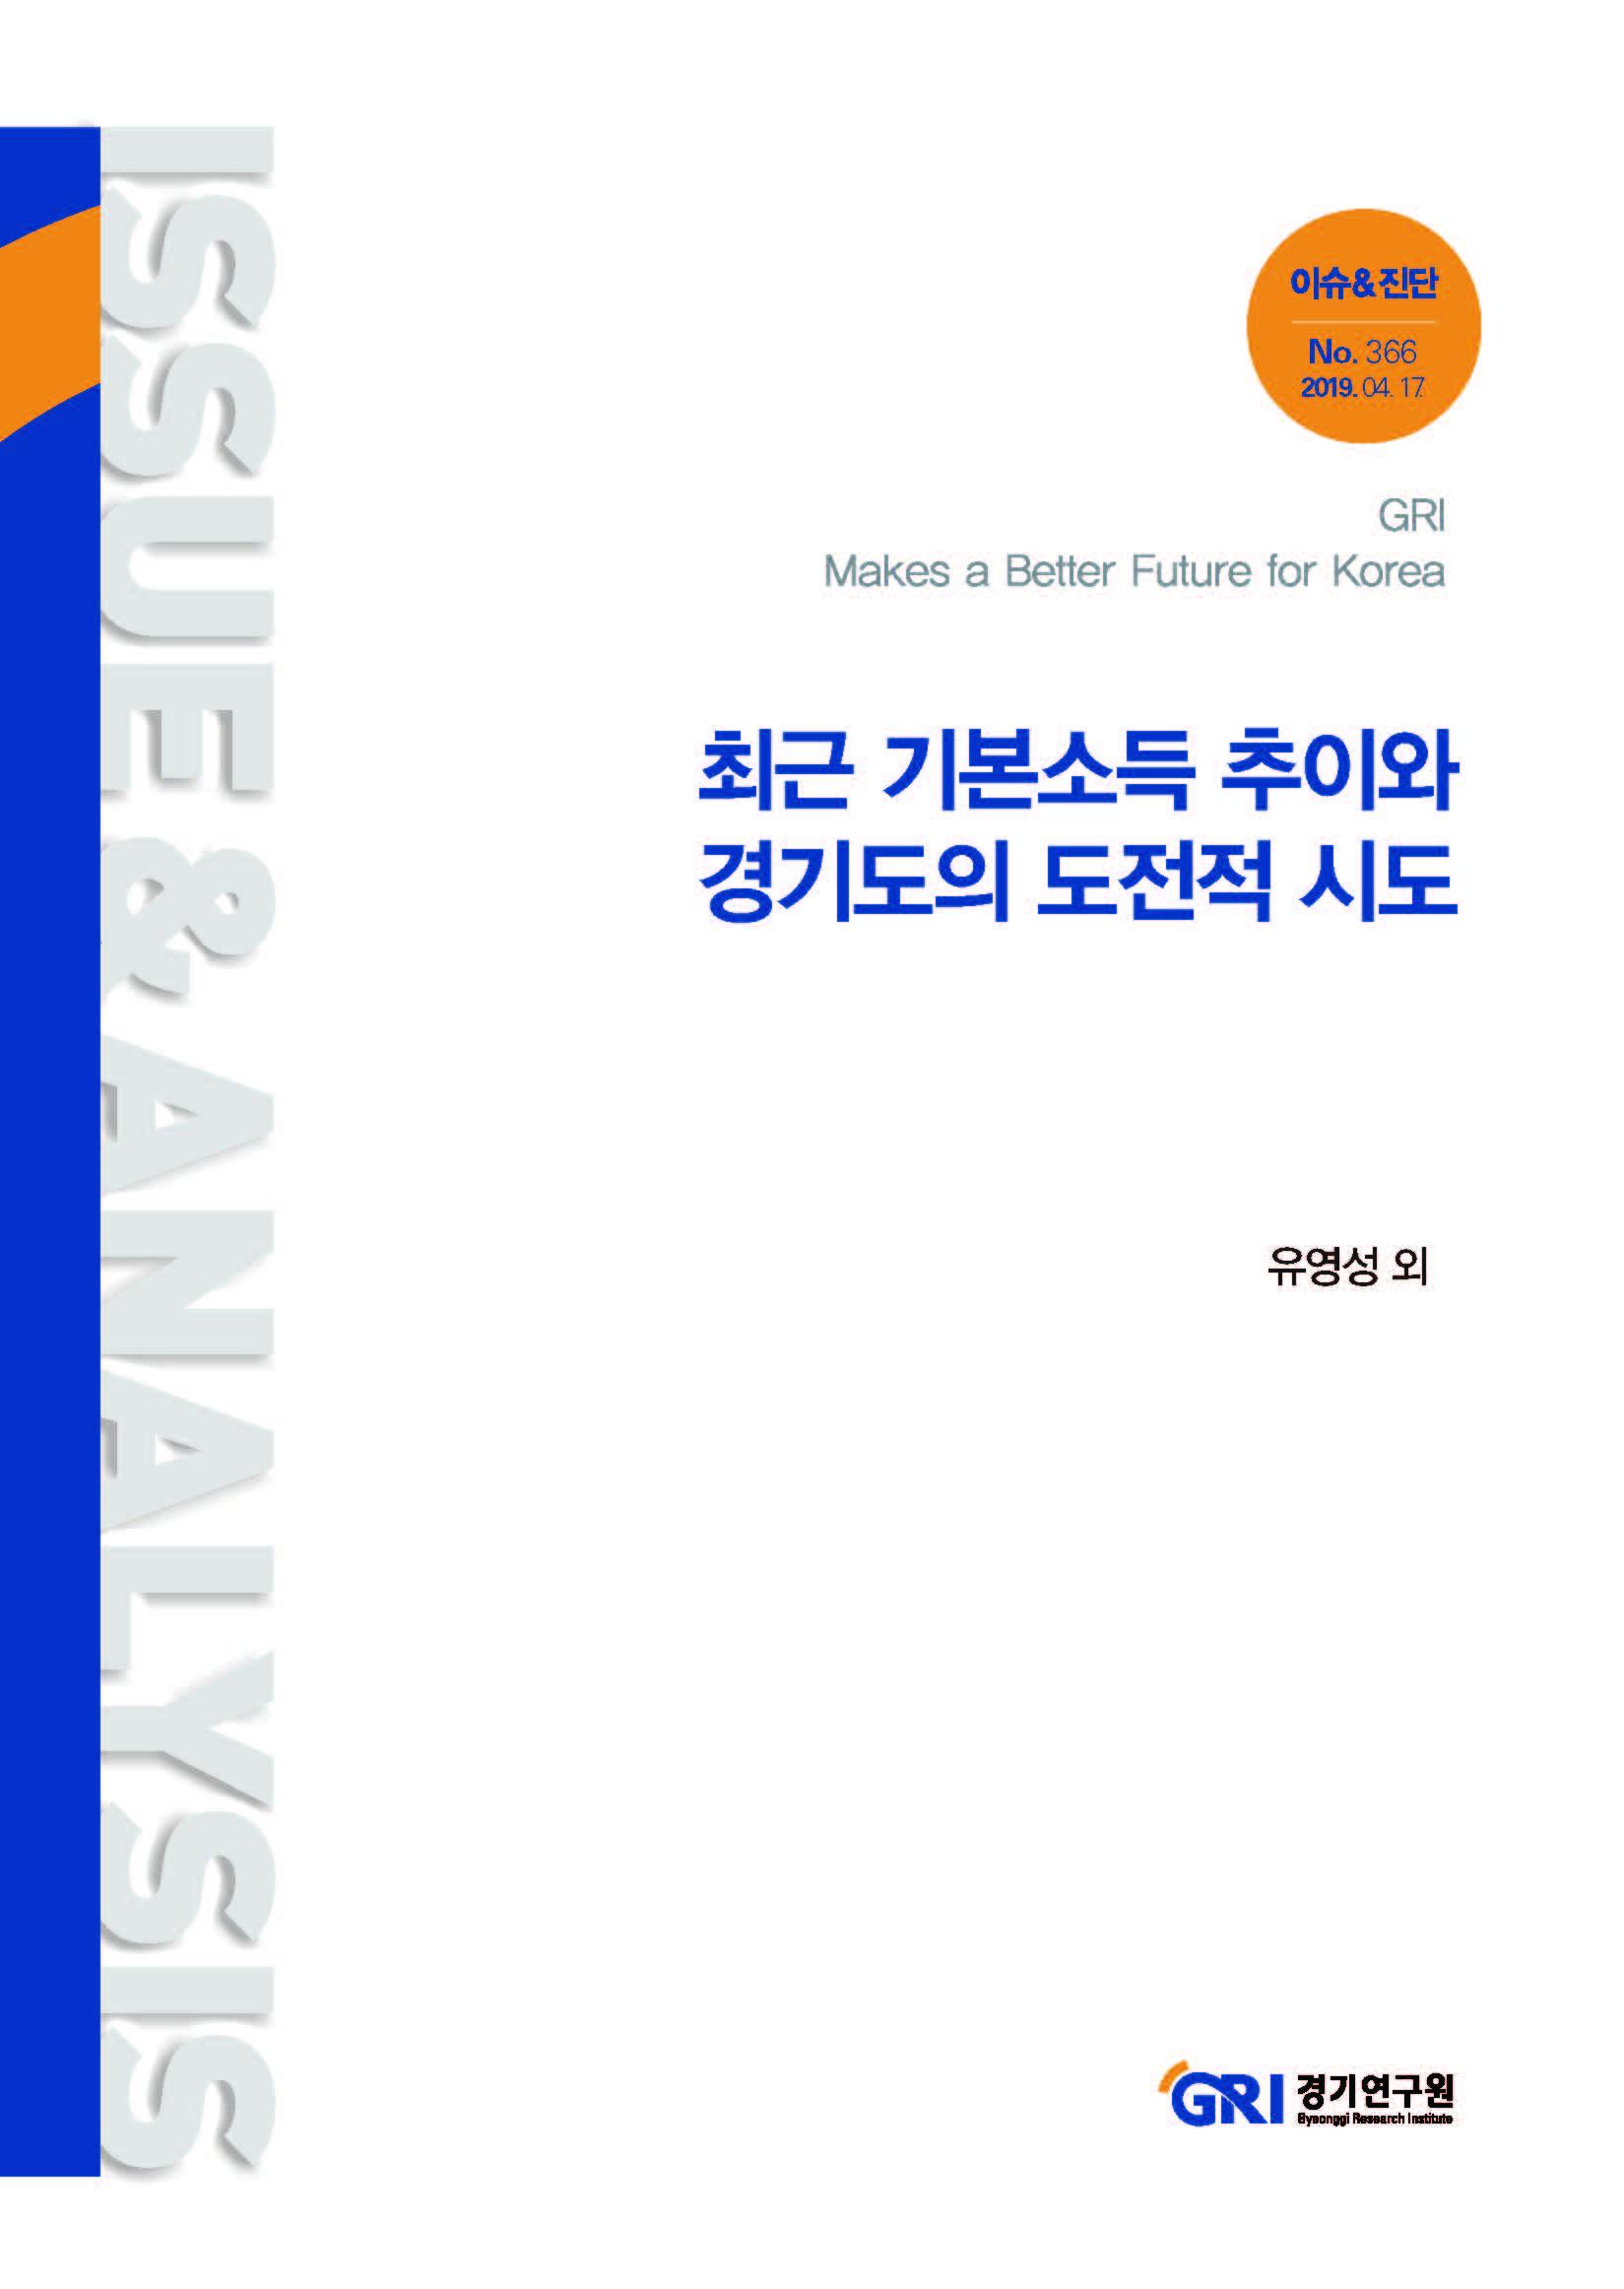 최근 기본소득 추이와 경기도의 도전적 시도